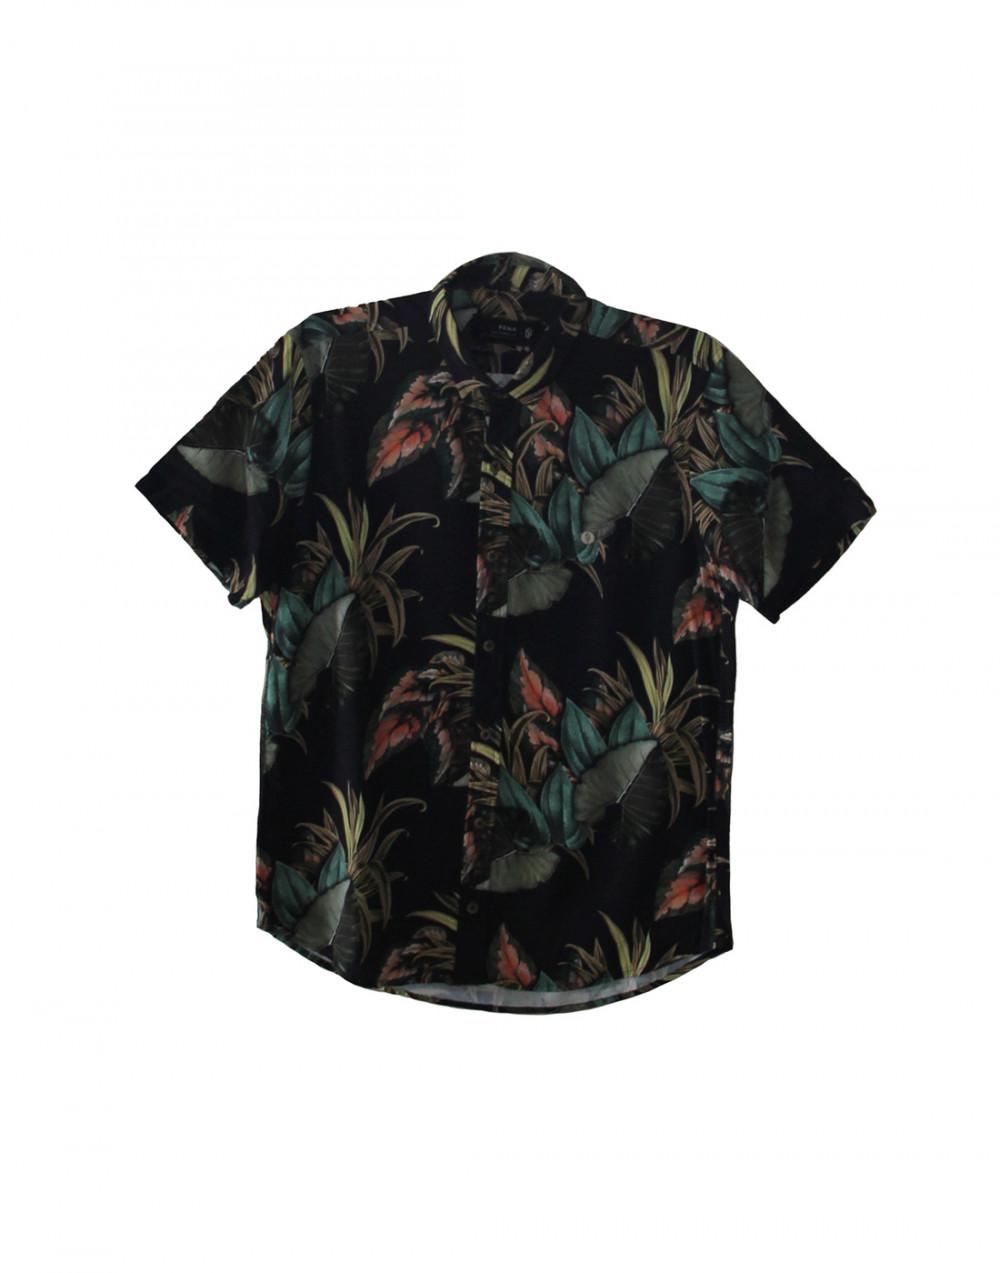 Camisa Plana Outono Estampada Preto Pena